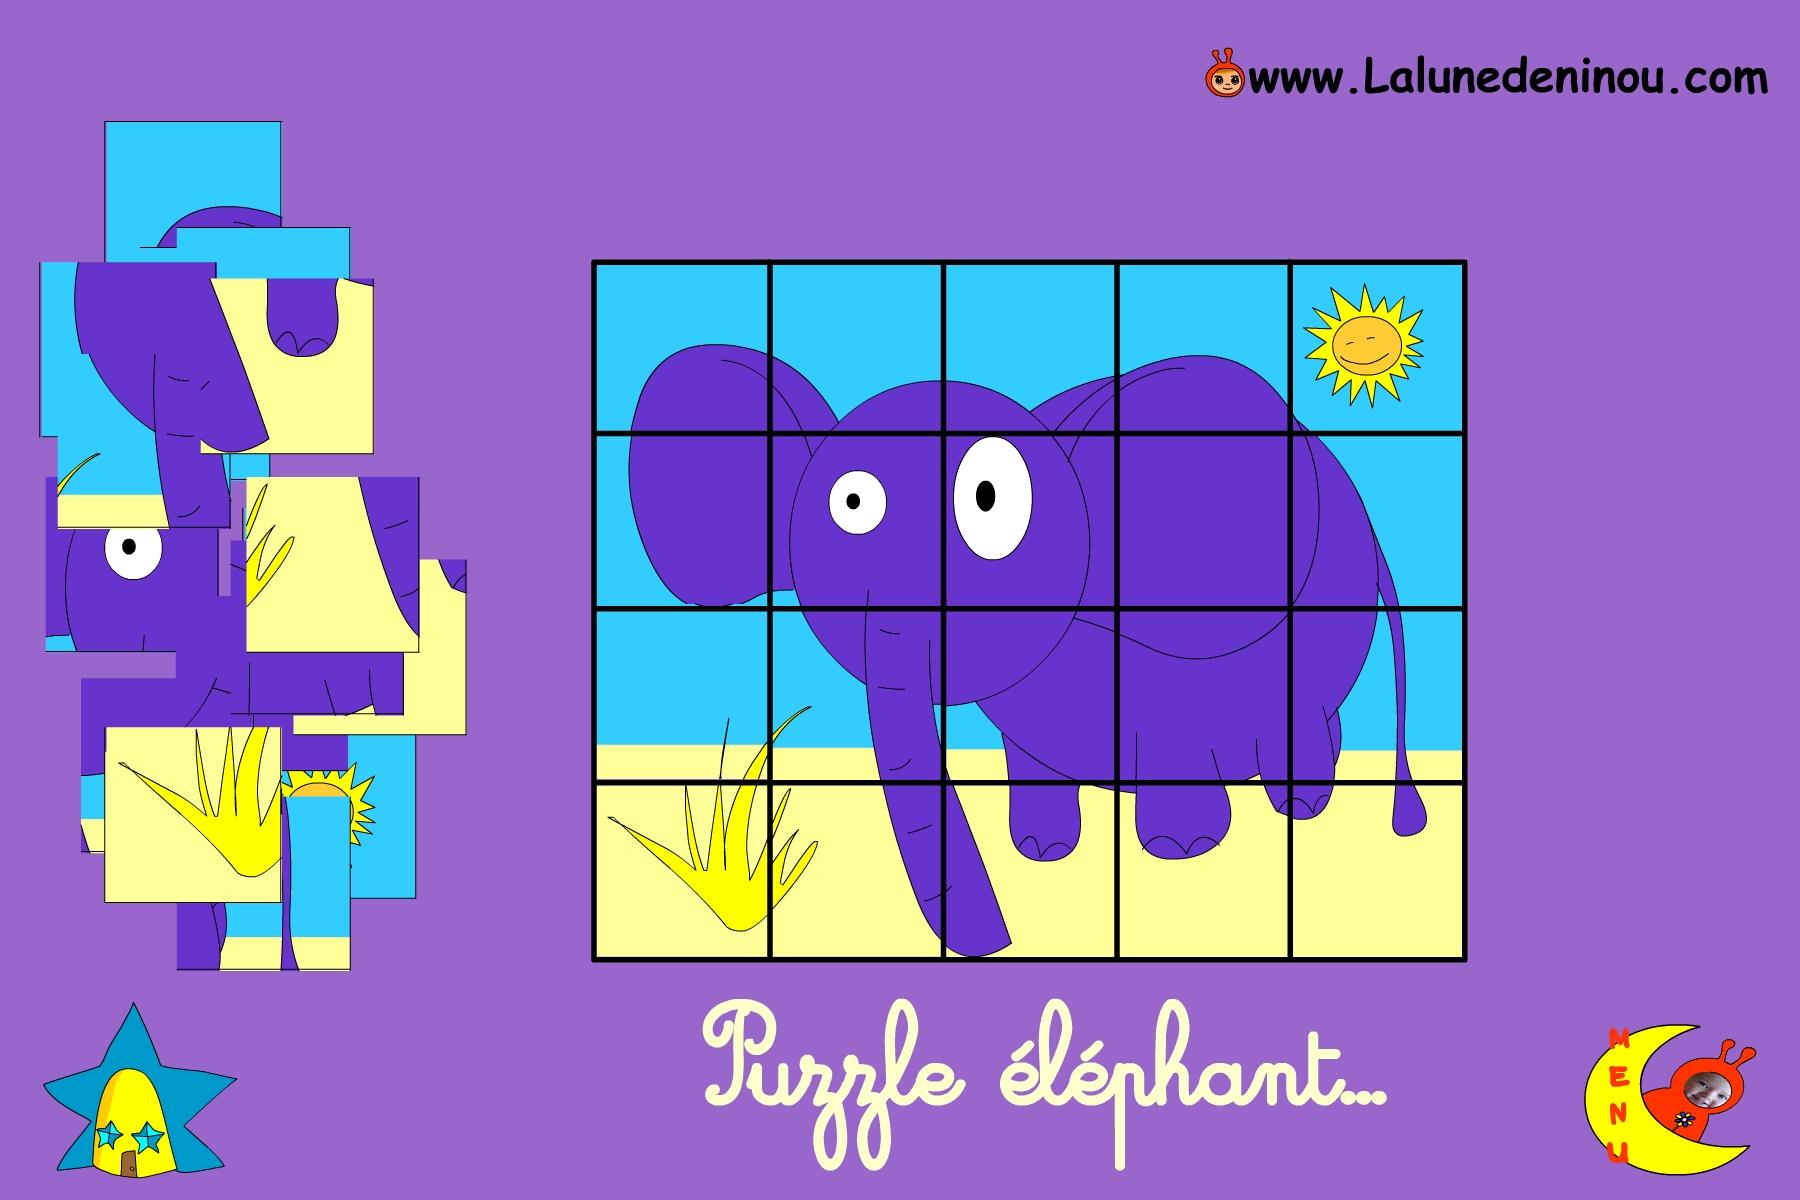 Puzzle En Ligne Pour Enfant De Maternelle - Lalunedeninou pour Jeux Enfant 4 Ans Gratuit